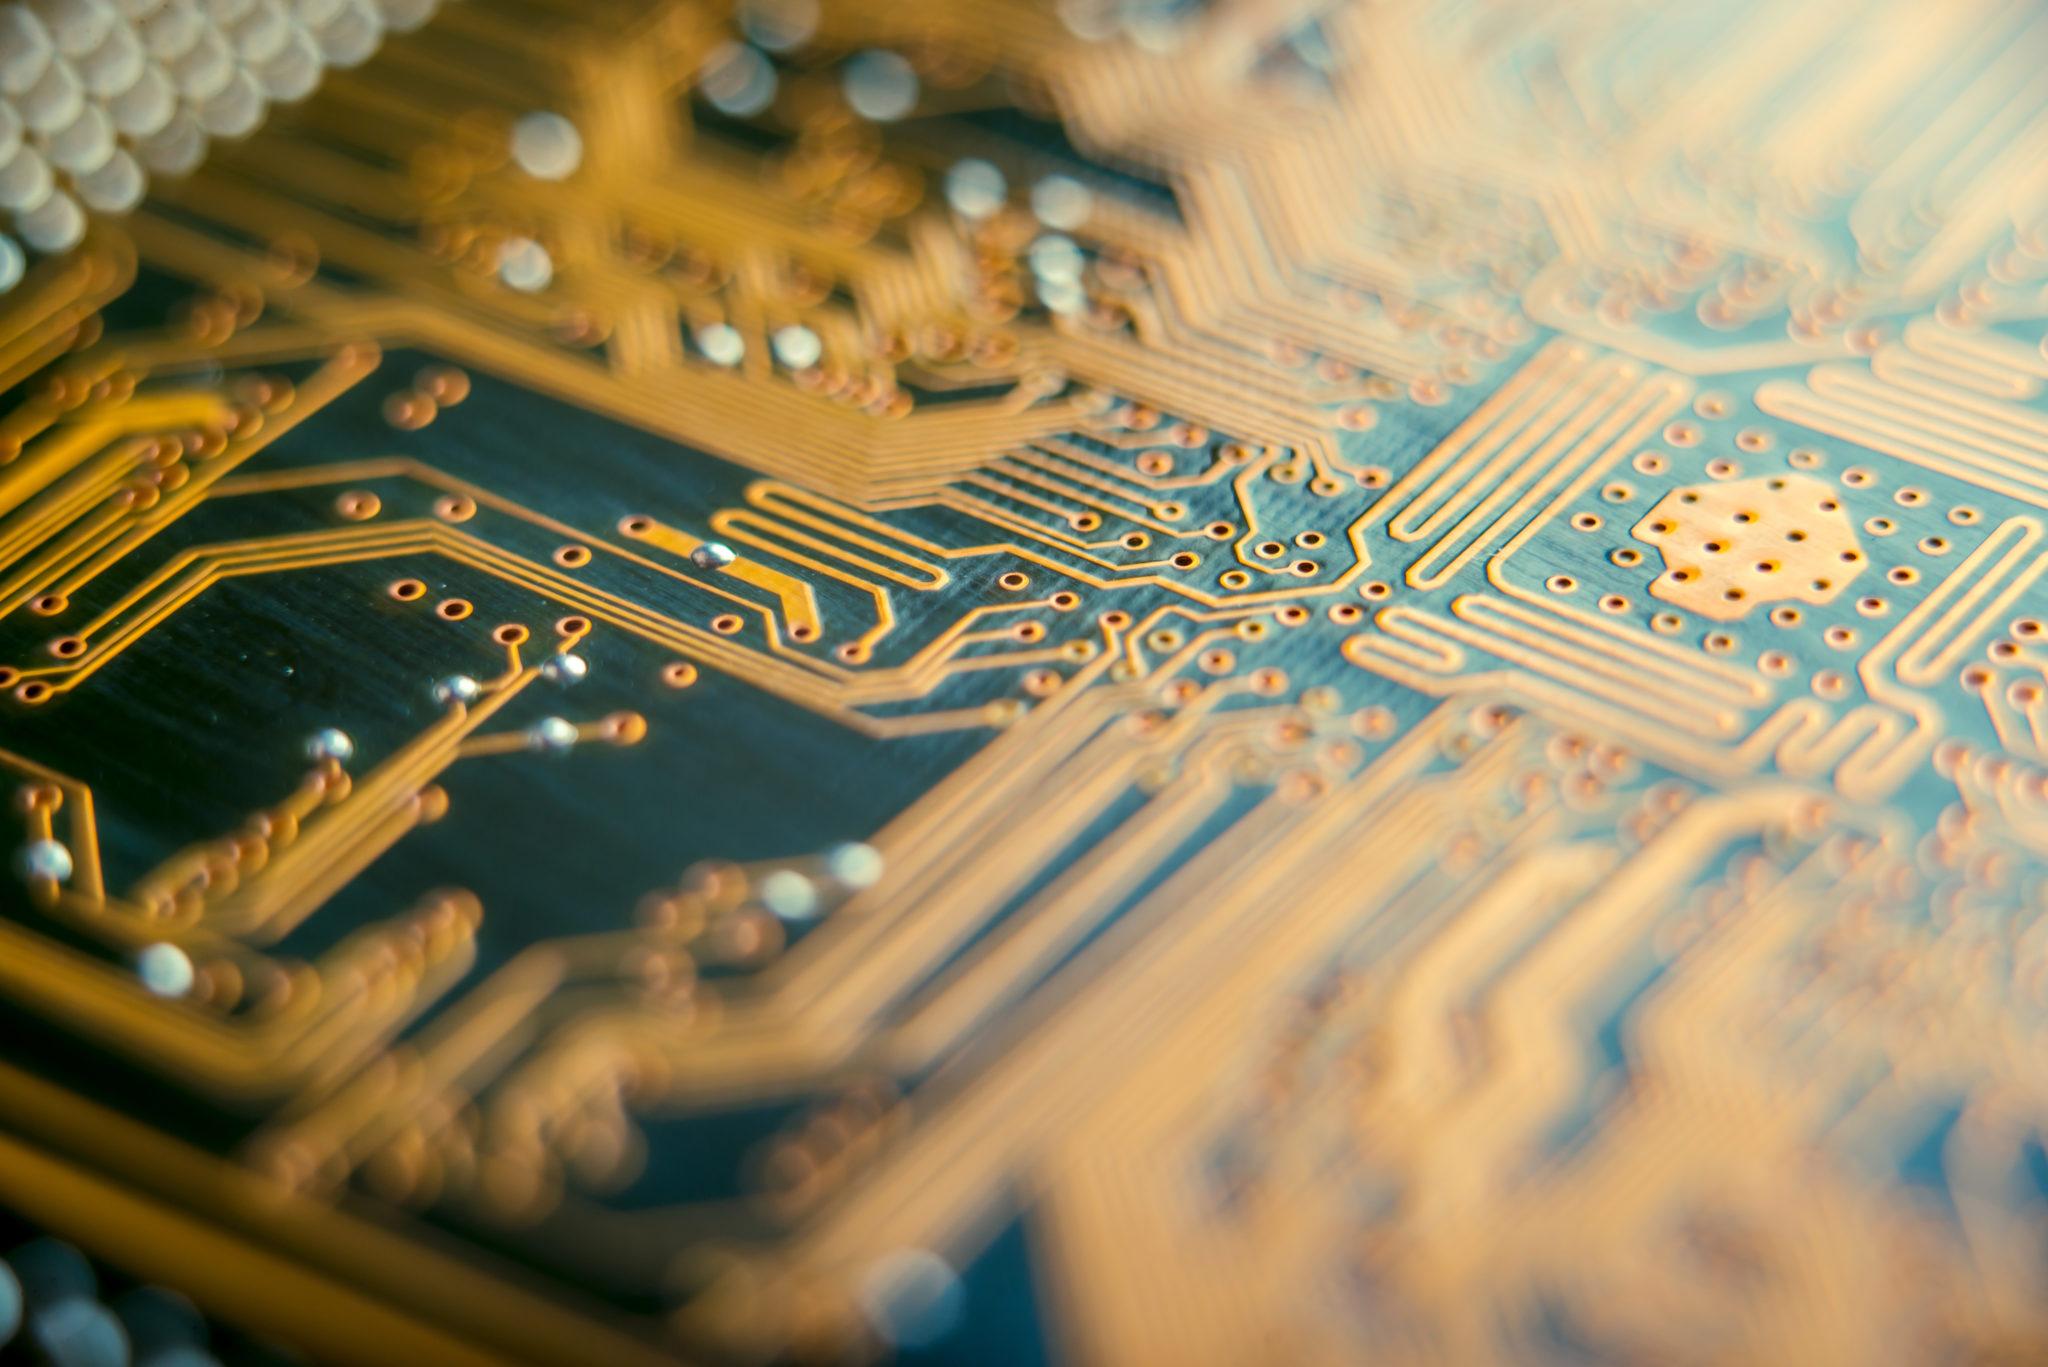 DB_electronic_board